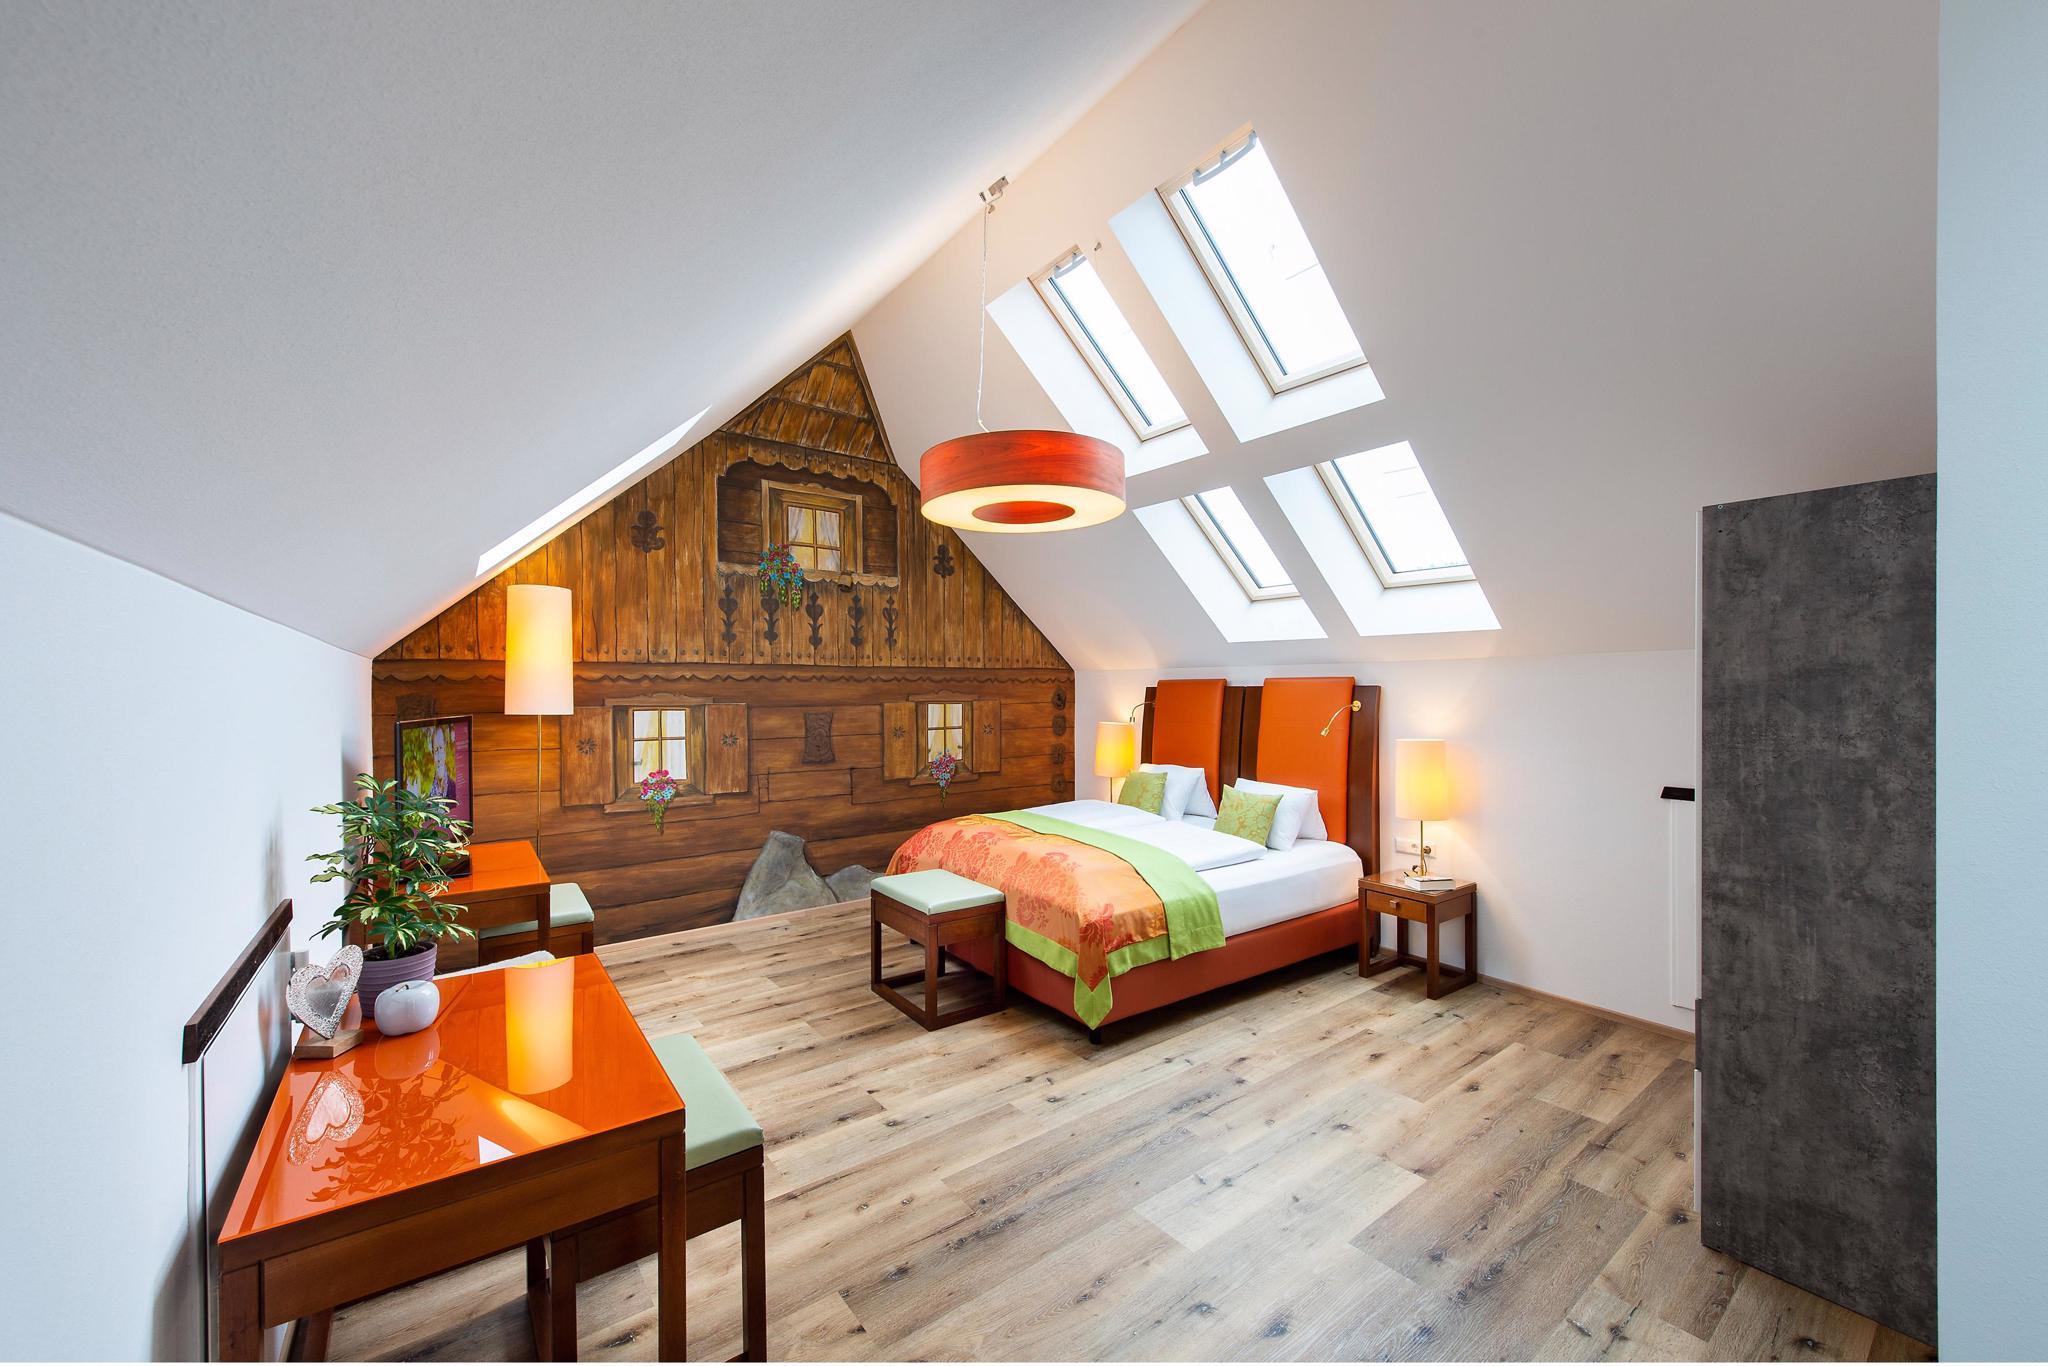 Ferienhaus im Feriendorf Edelweiss (2916176), Mariapfarr, Lungau, Salzburg, Österreich, Bild 25